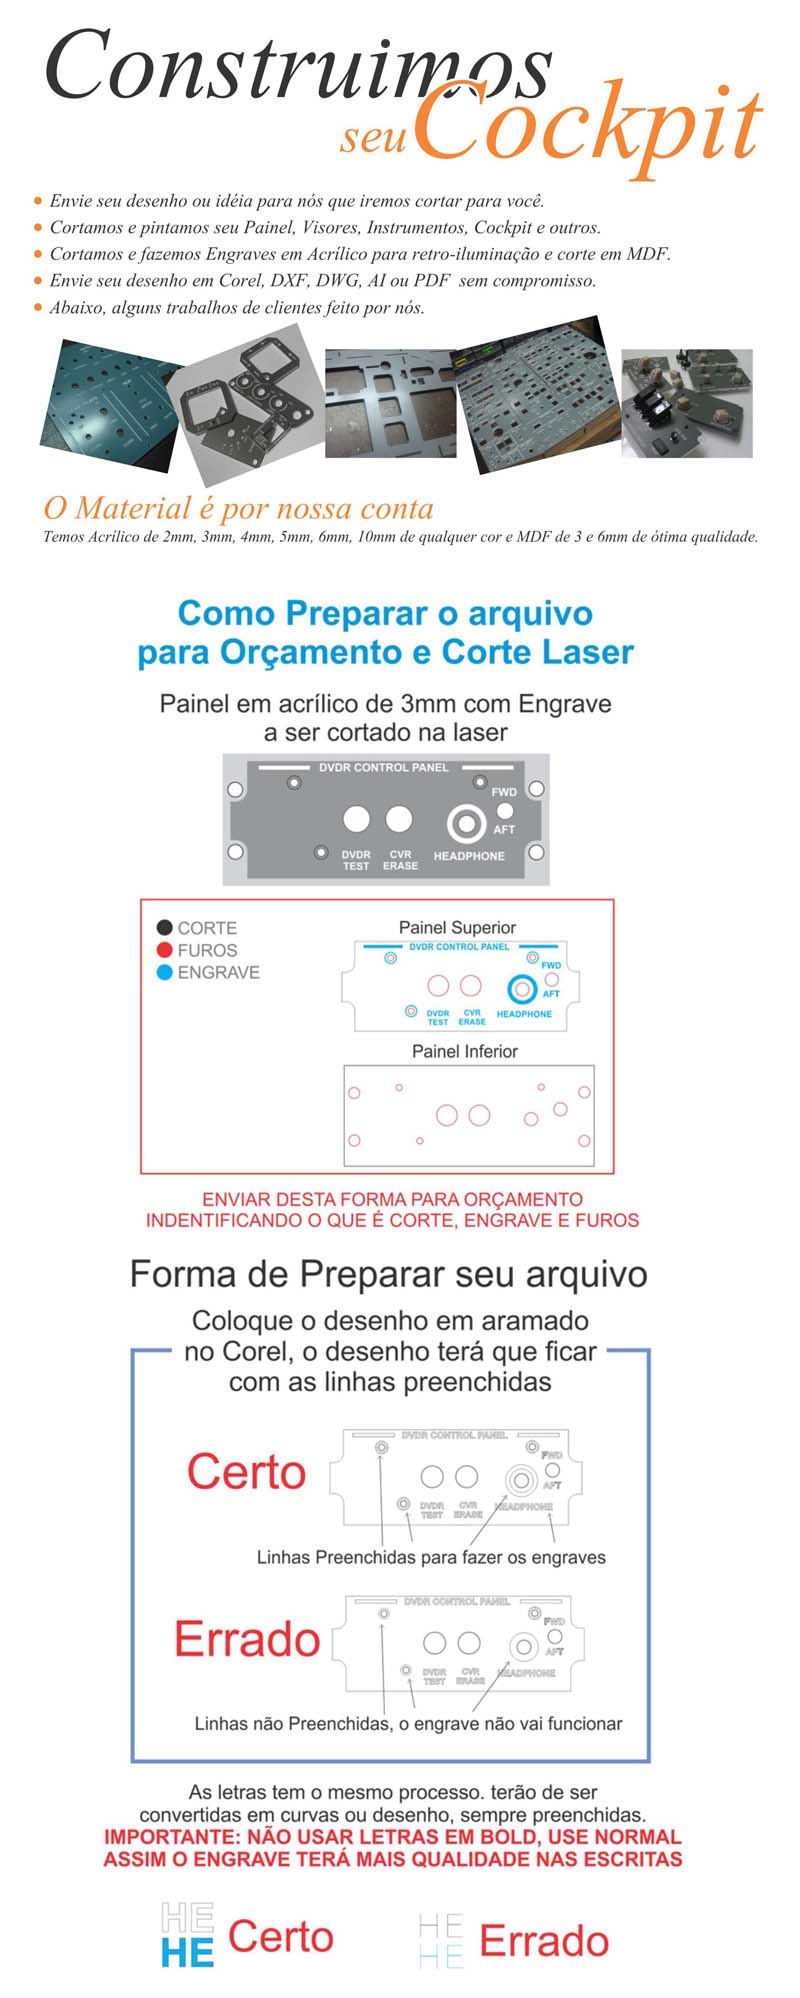 laserma5.jpg